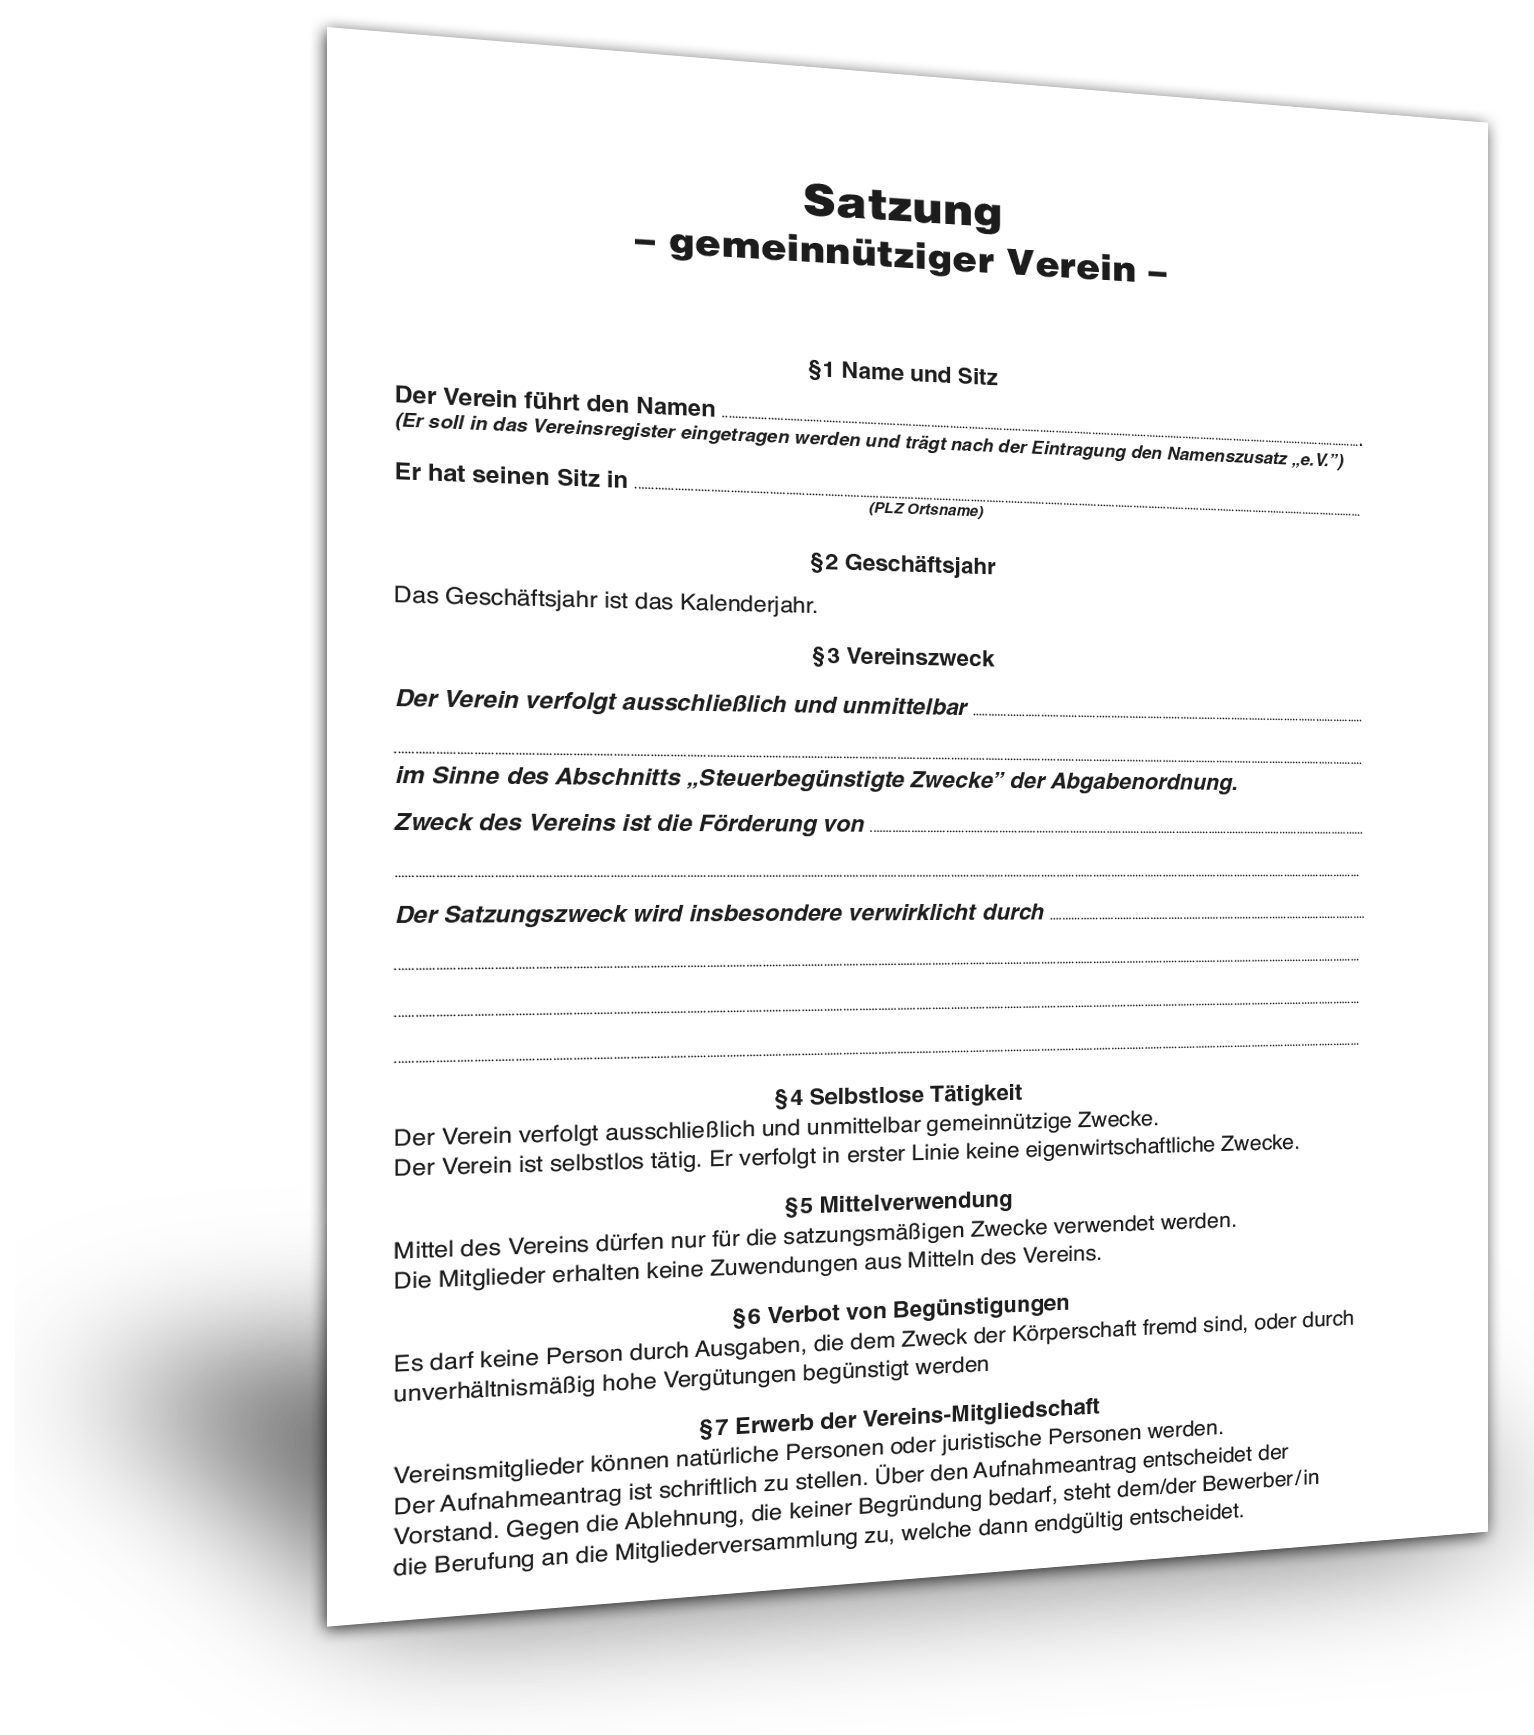 Satzung Gemeinnutziger Verein Muster Kostenlos